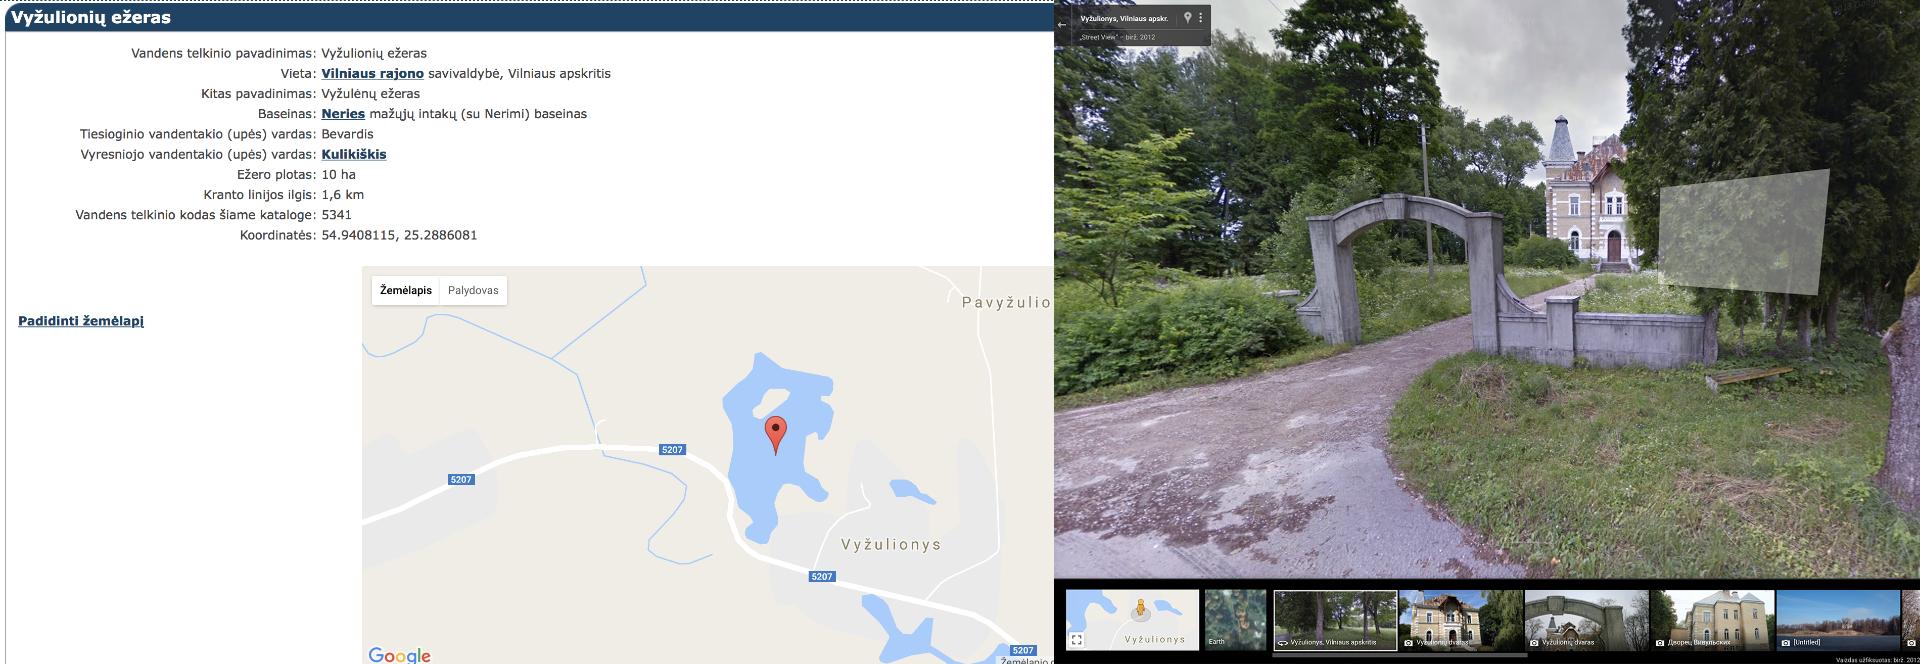 найти местоположение город михайлов по картинке морковку малыши узнают